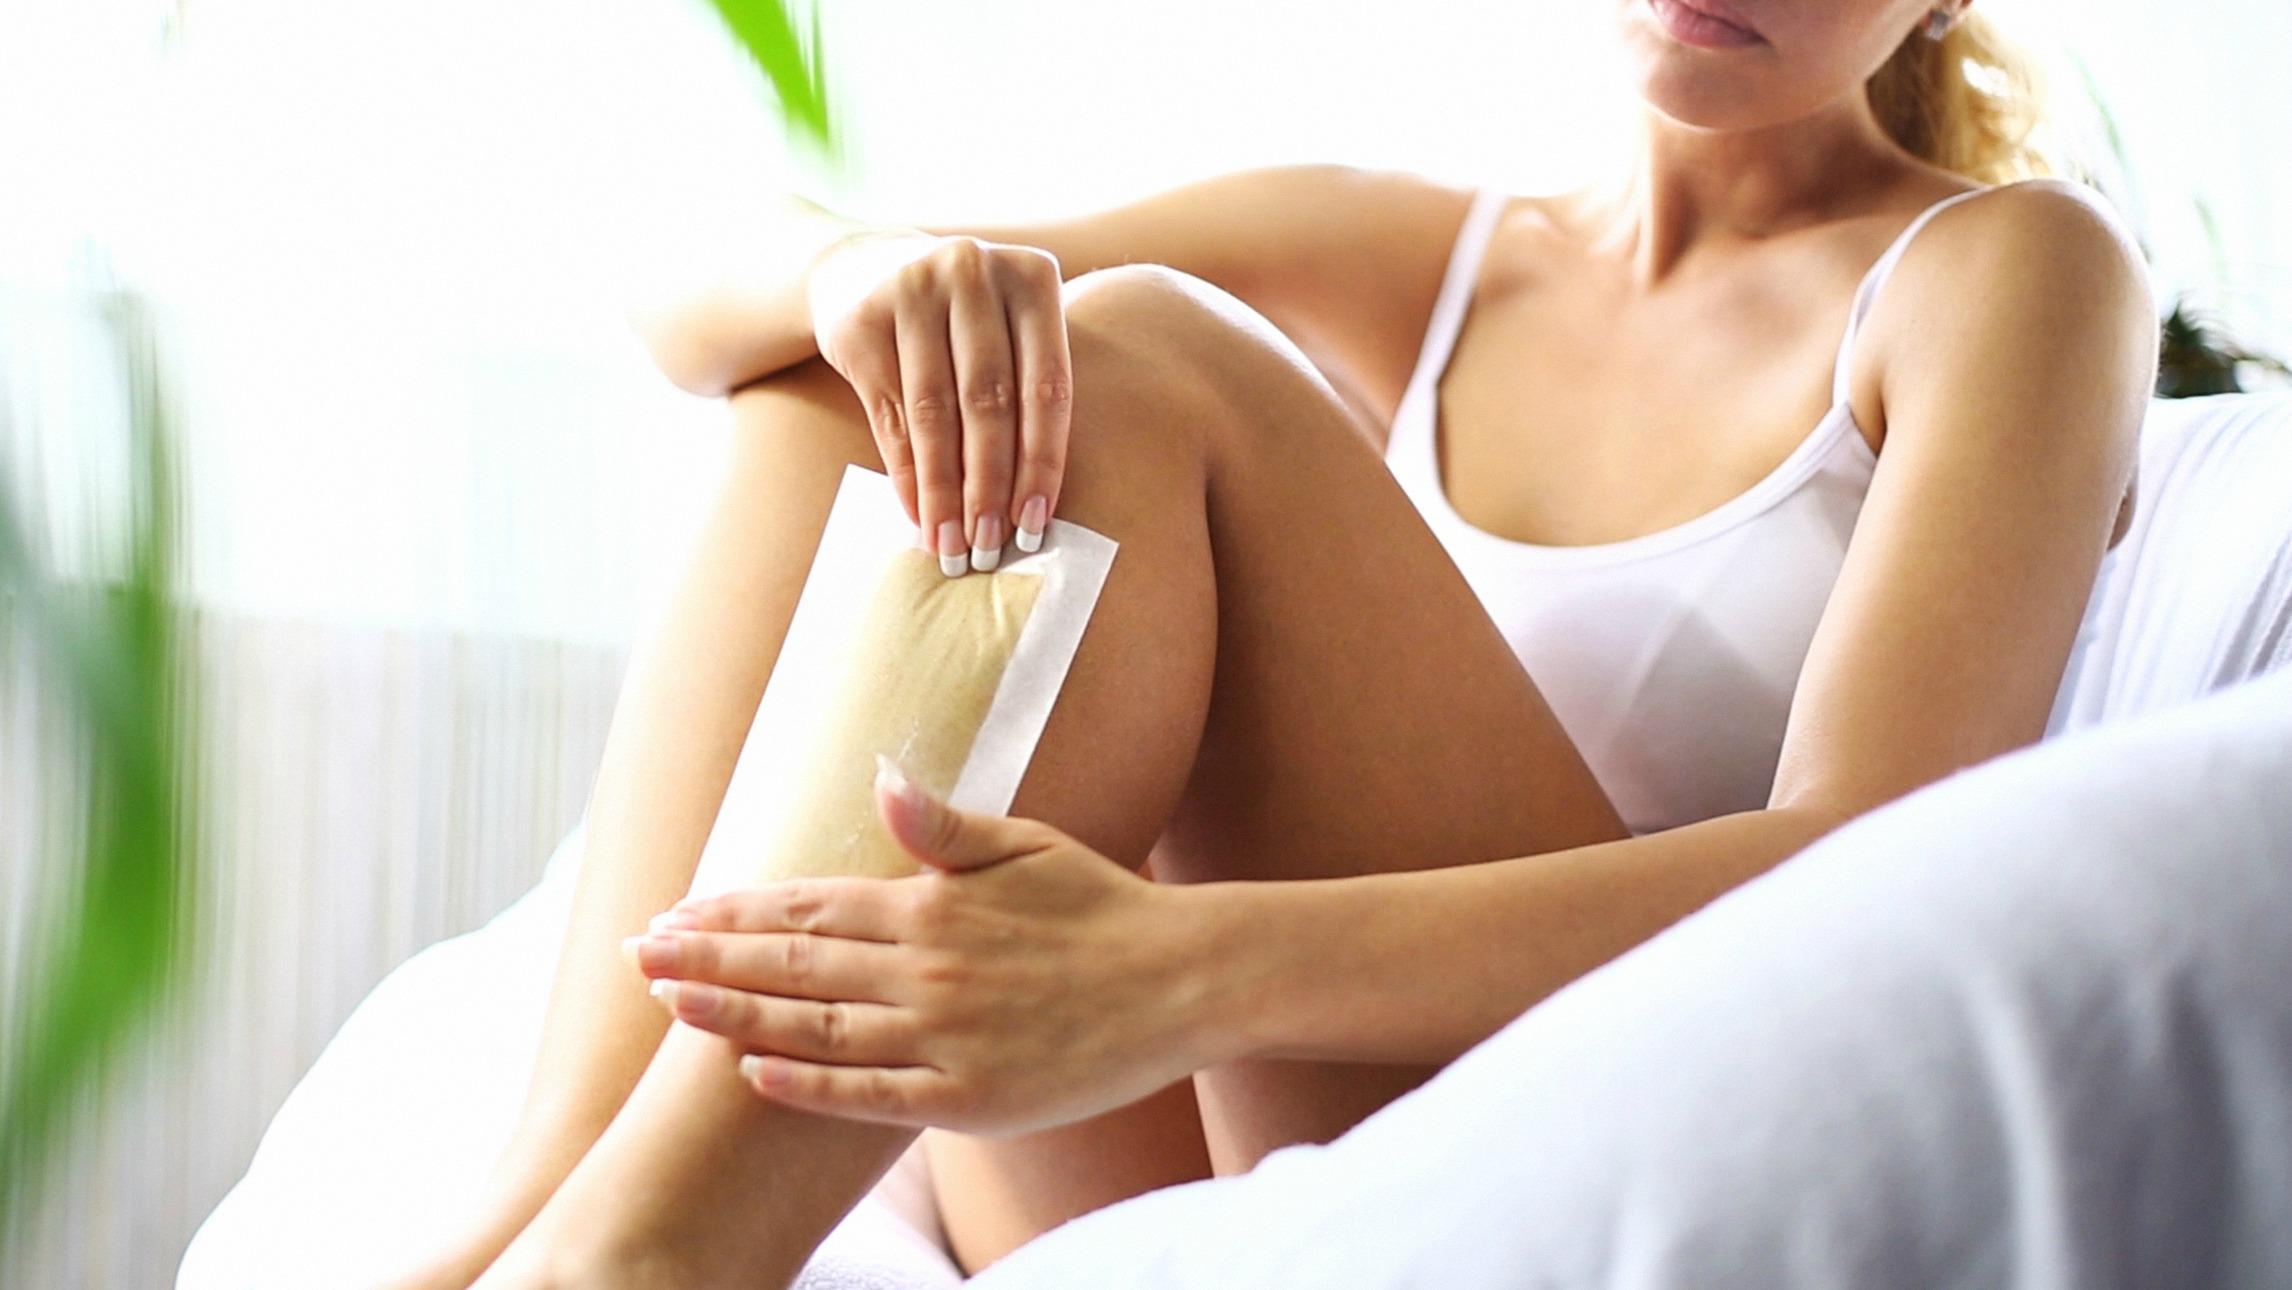 skuteczne sposoby depilacji nóg